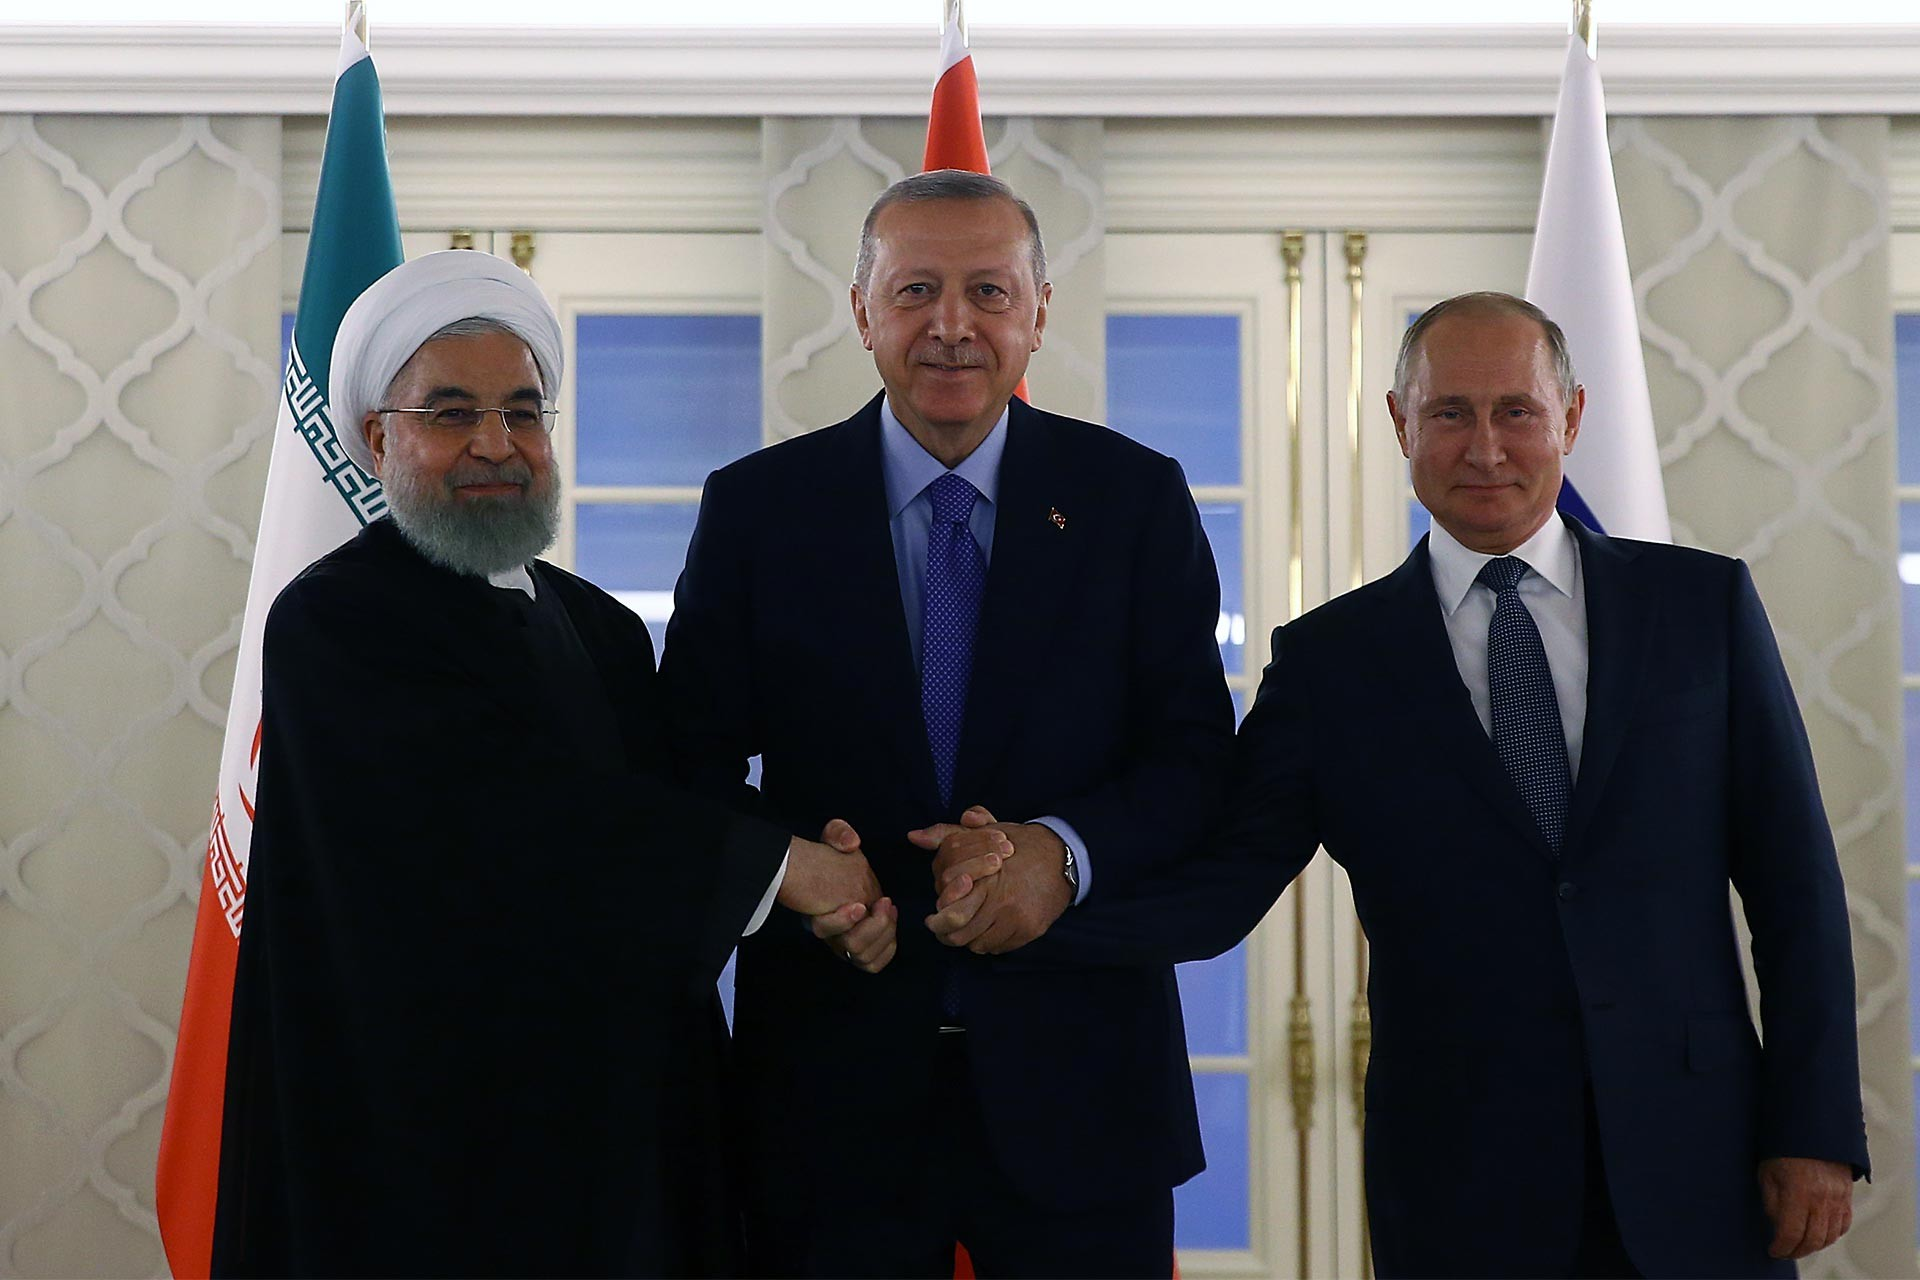 BM, Suriye Anayasa Komitesi'nin oluşturulduğunu açıkladı